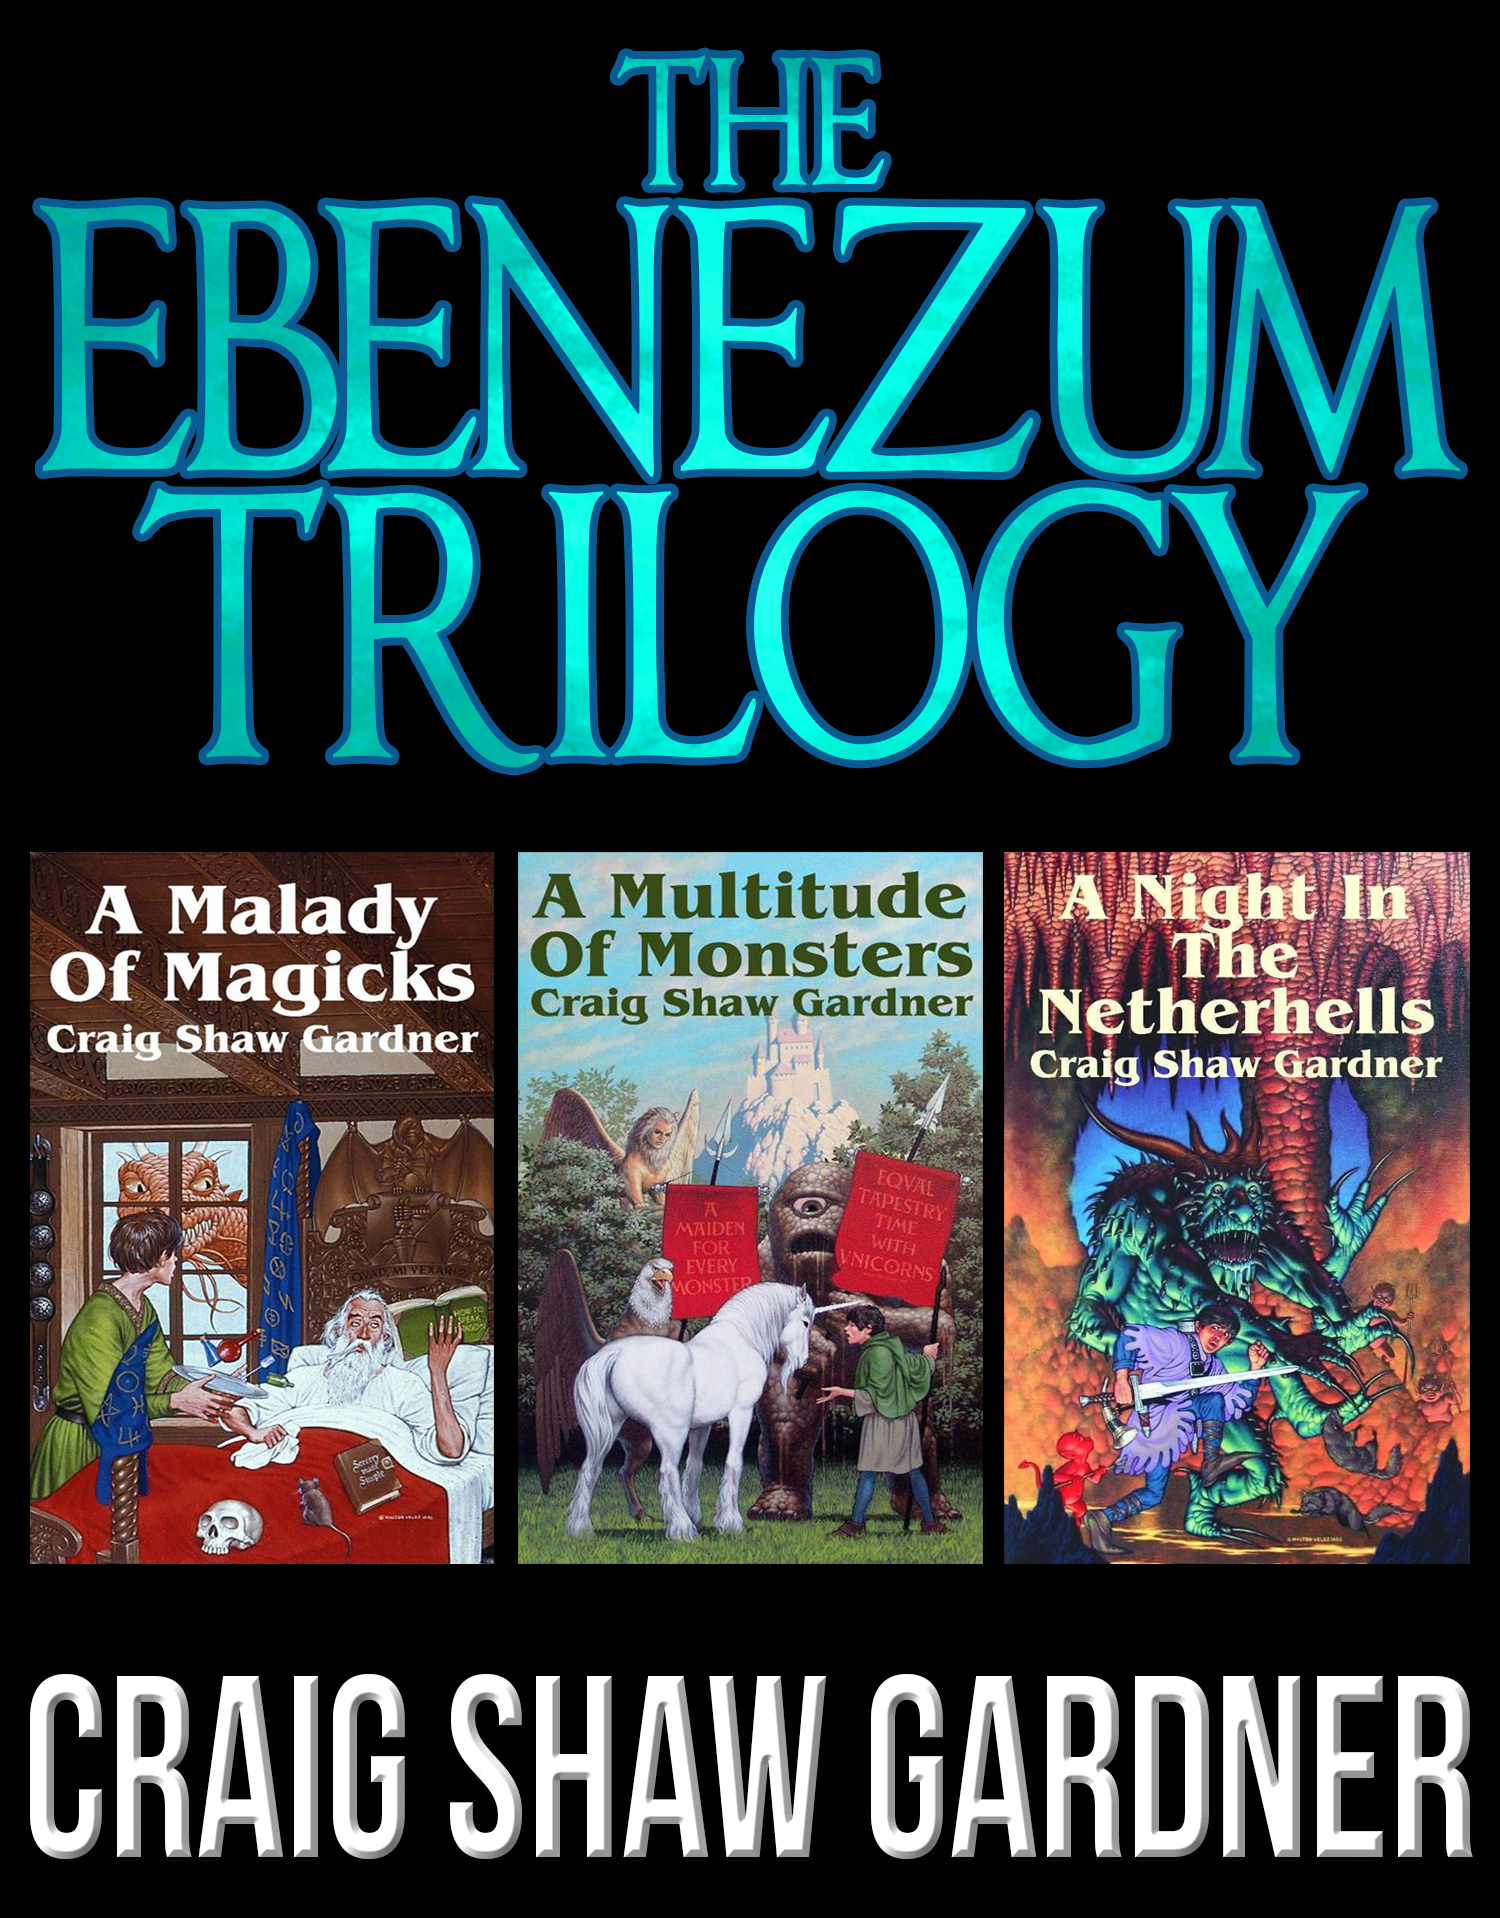 Ebenezum Trilogy